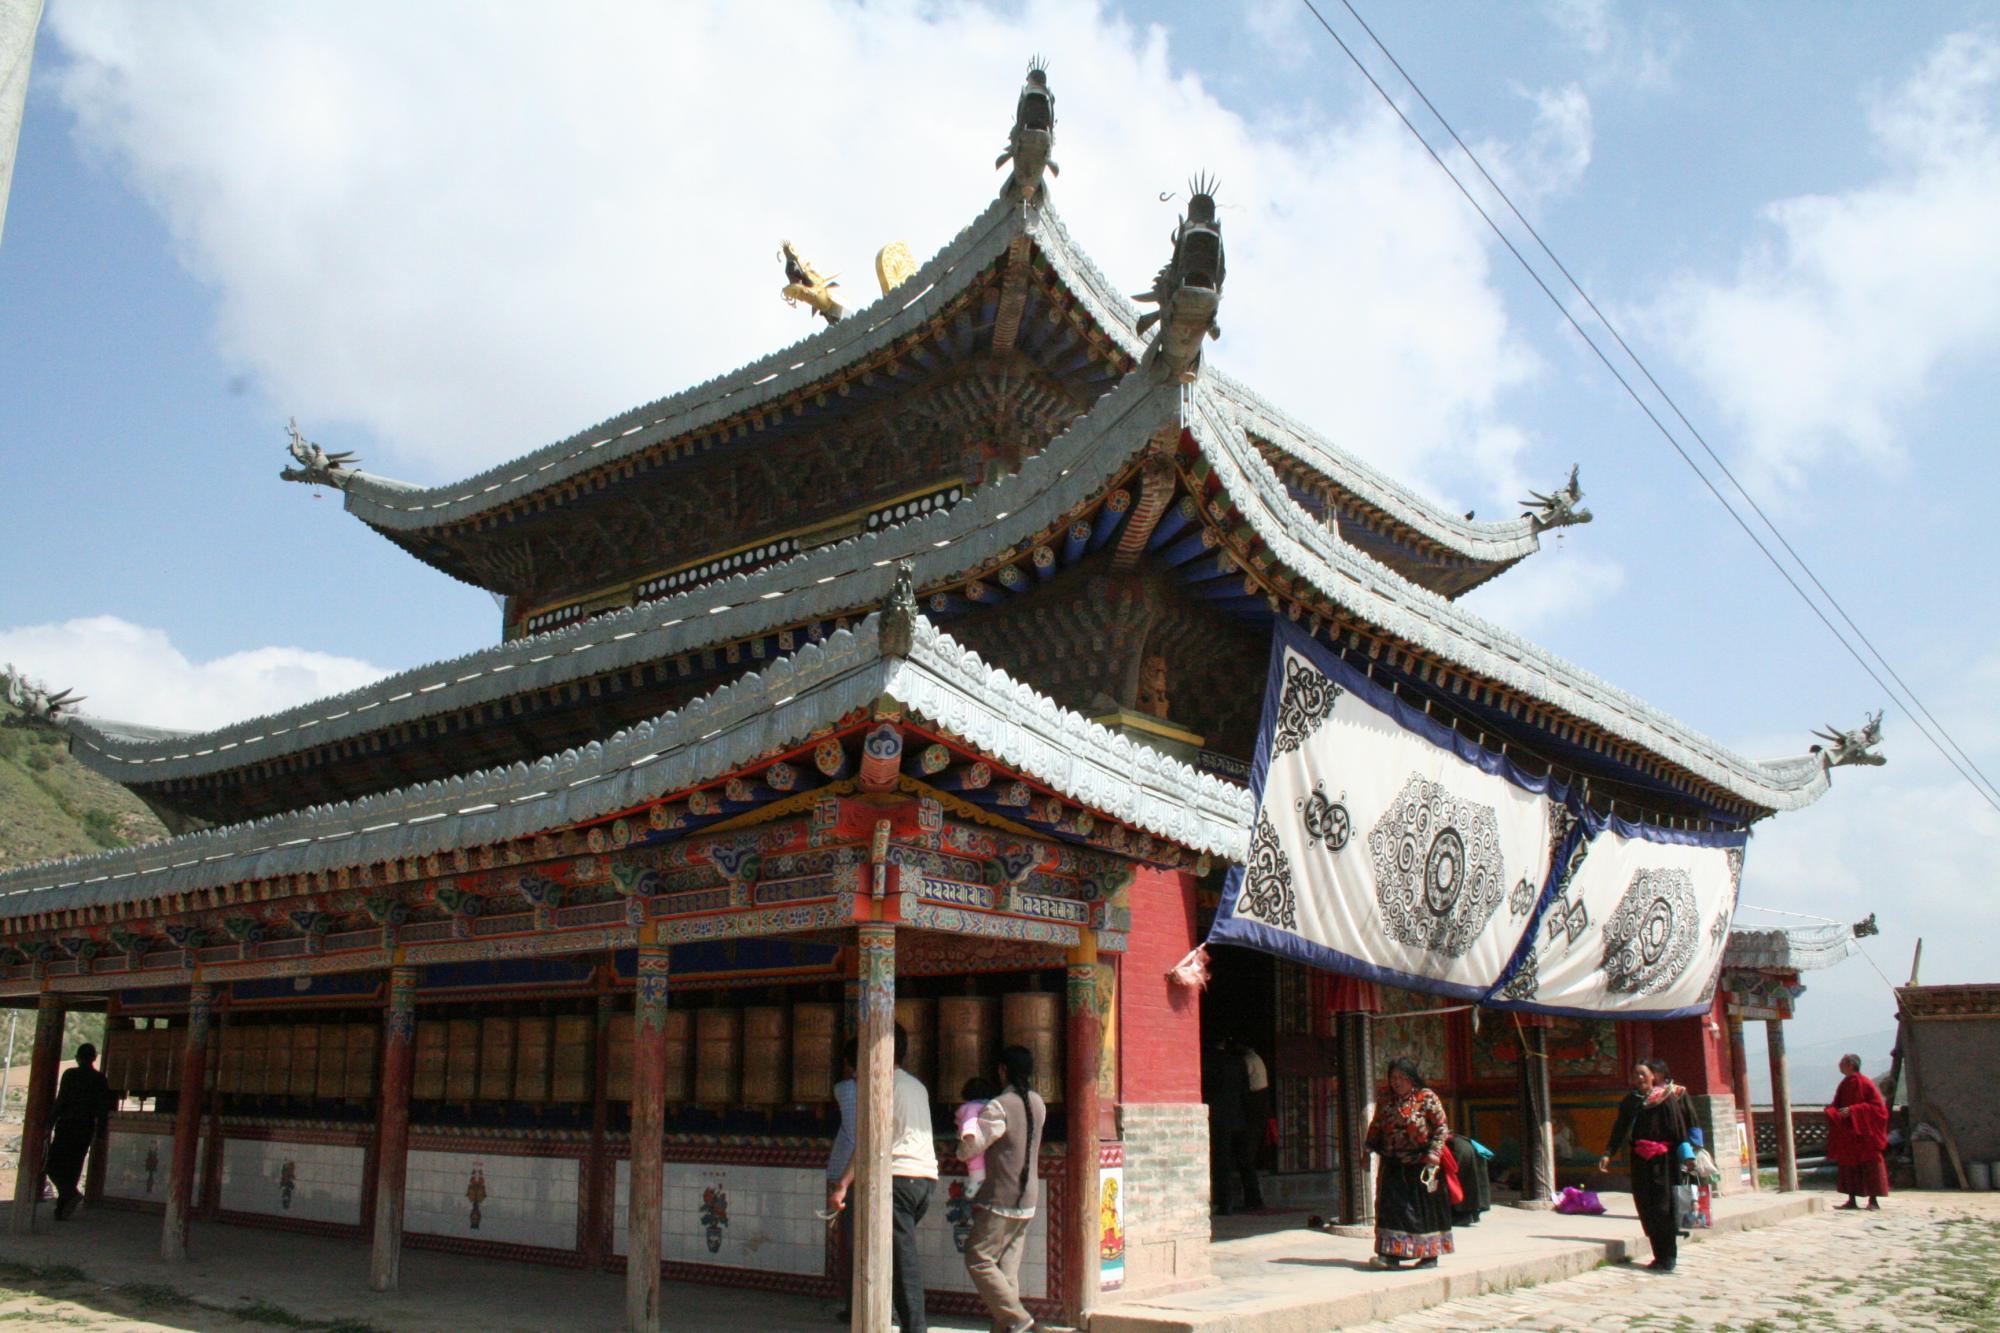 Image of Maitreya Hall, Jakhyung Monastery